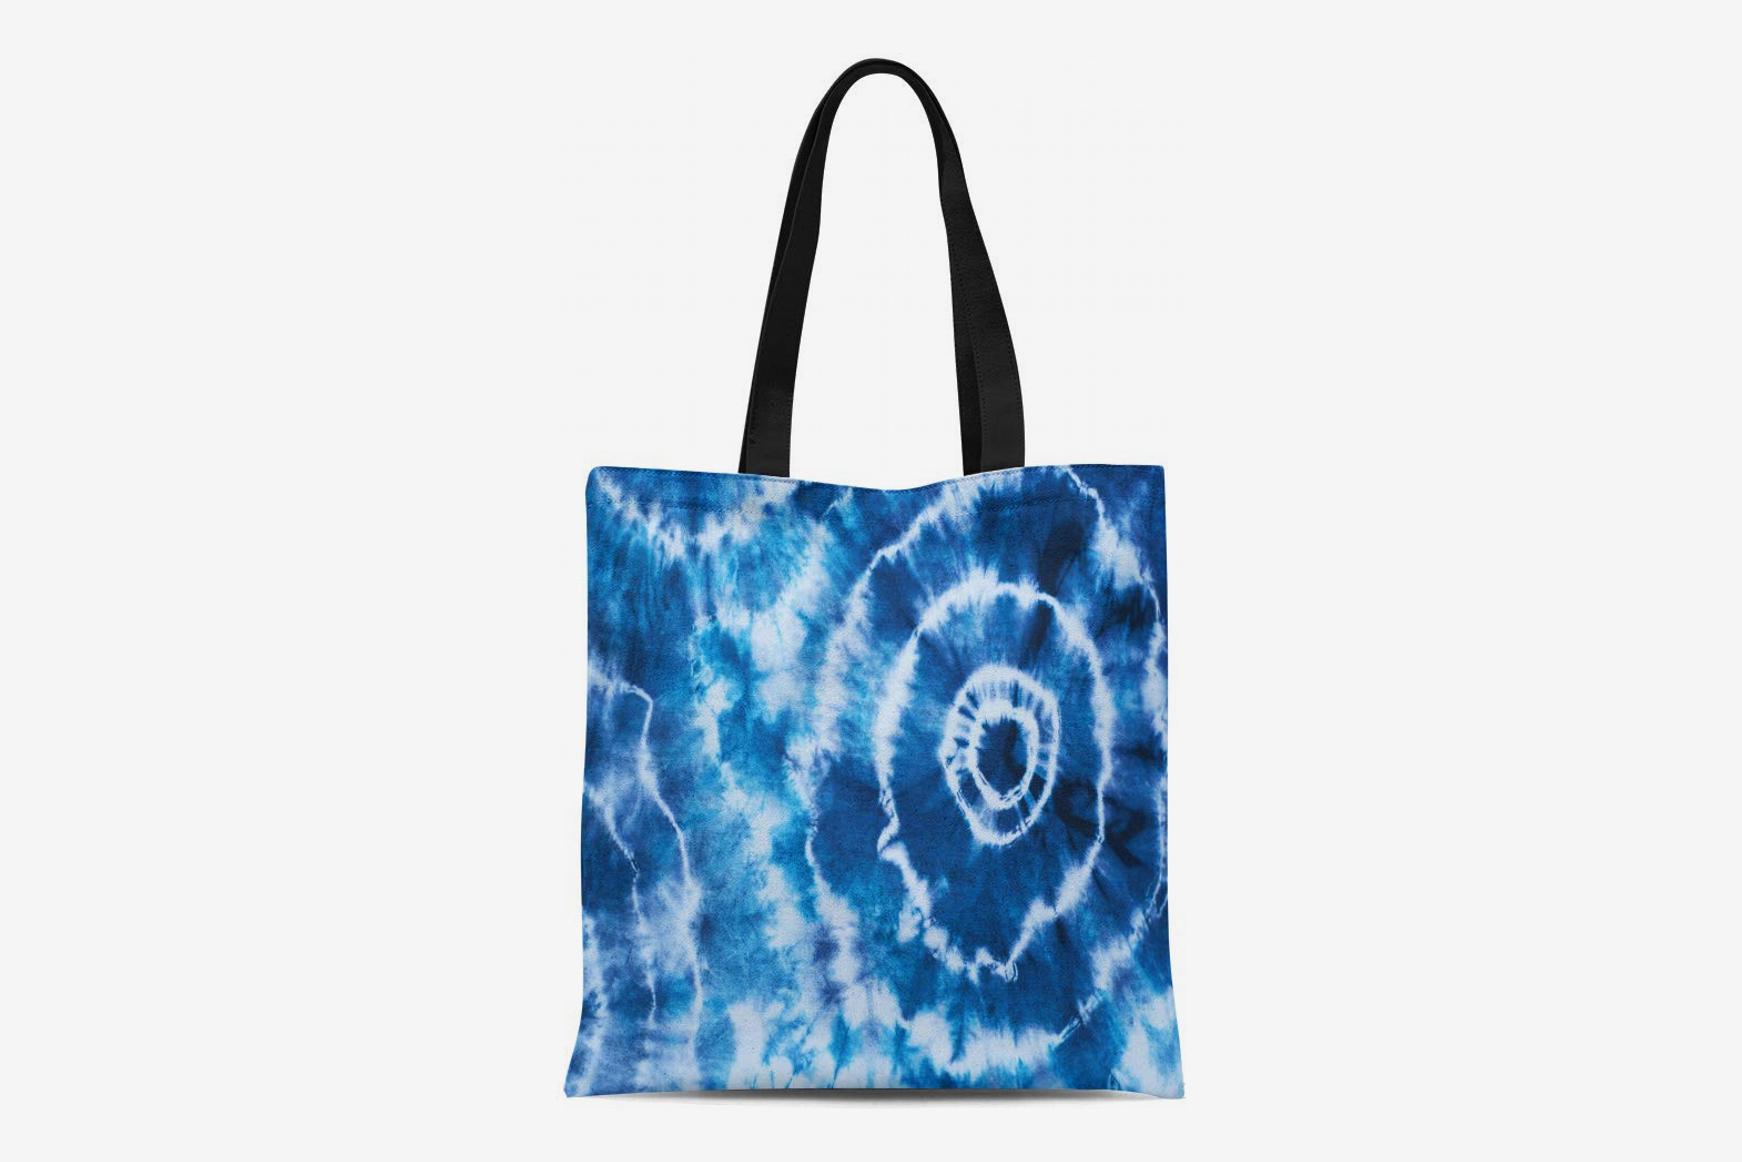 Semtomn Cotton Canvas Tote Bag Colorful Psychedelic Indigo Tie Dye Pattern